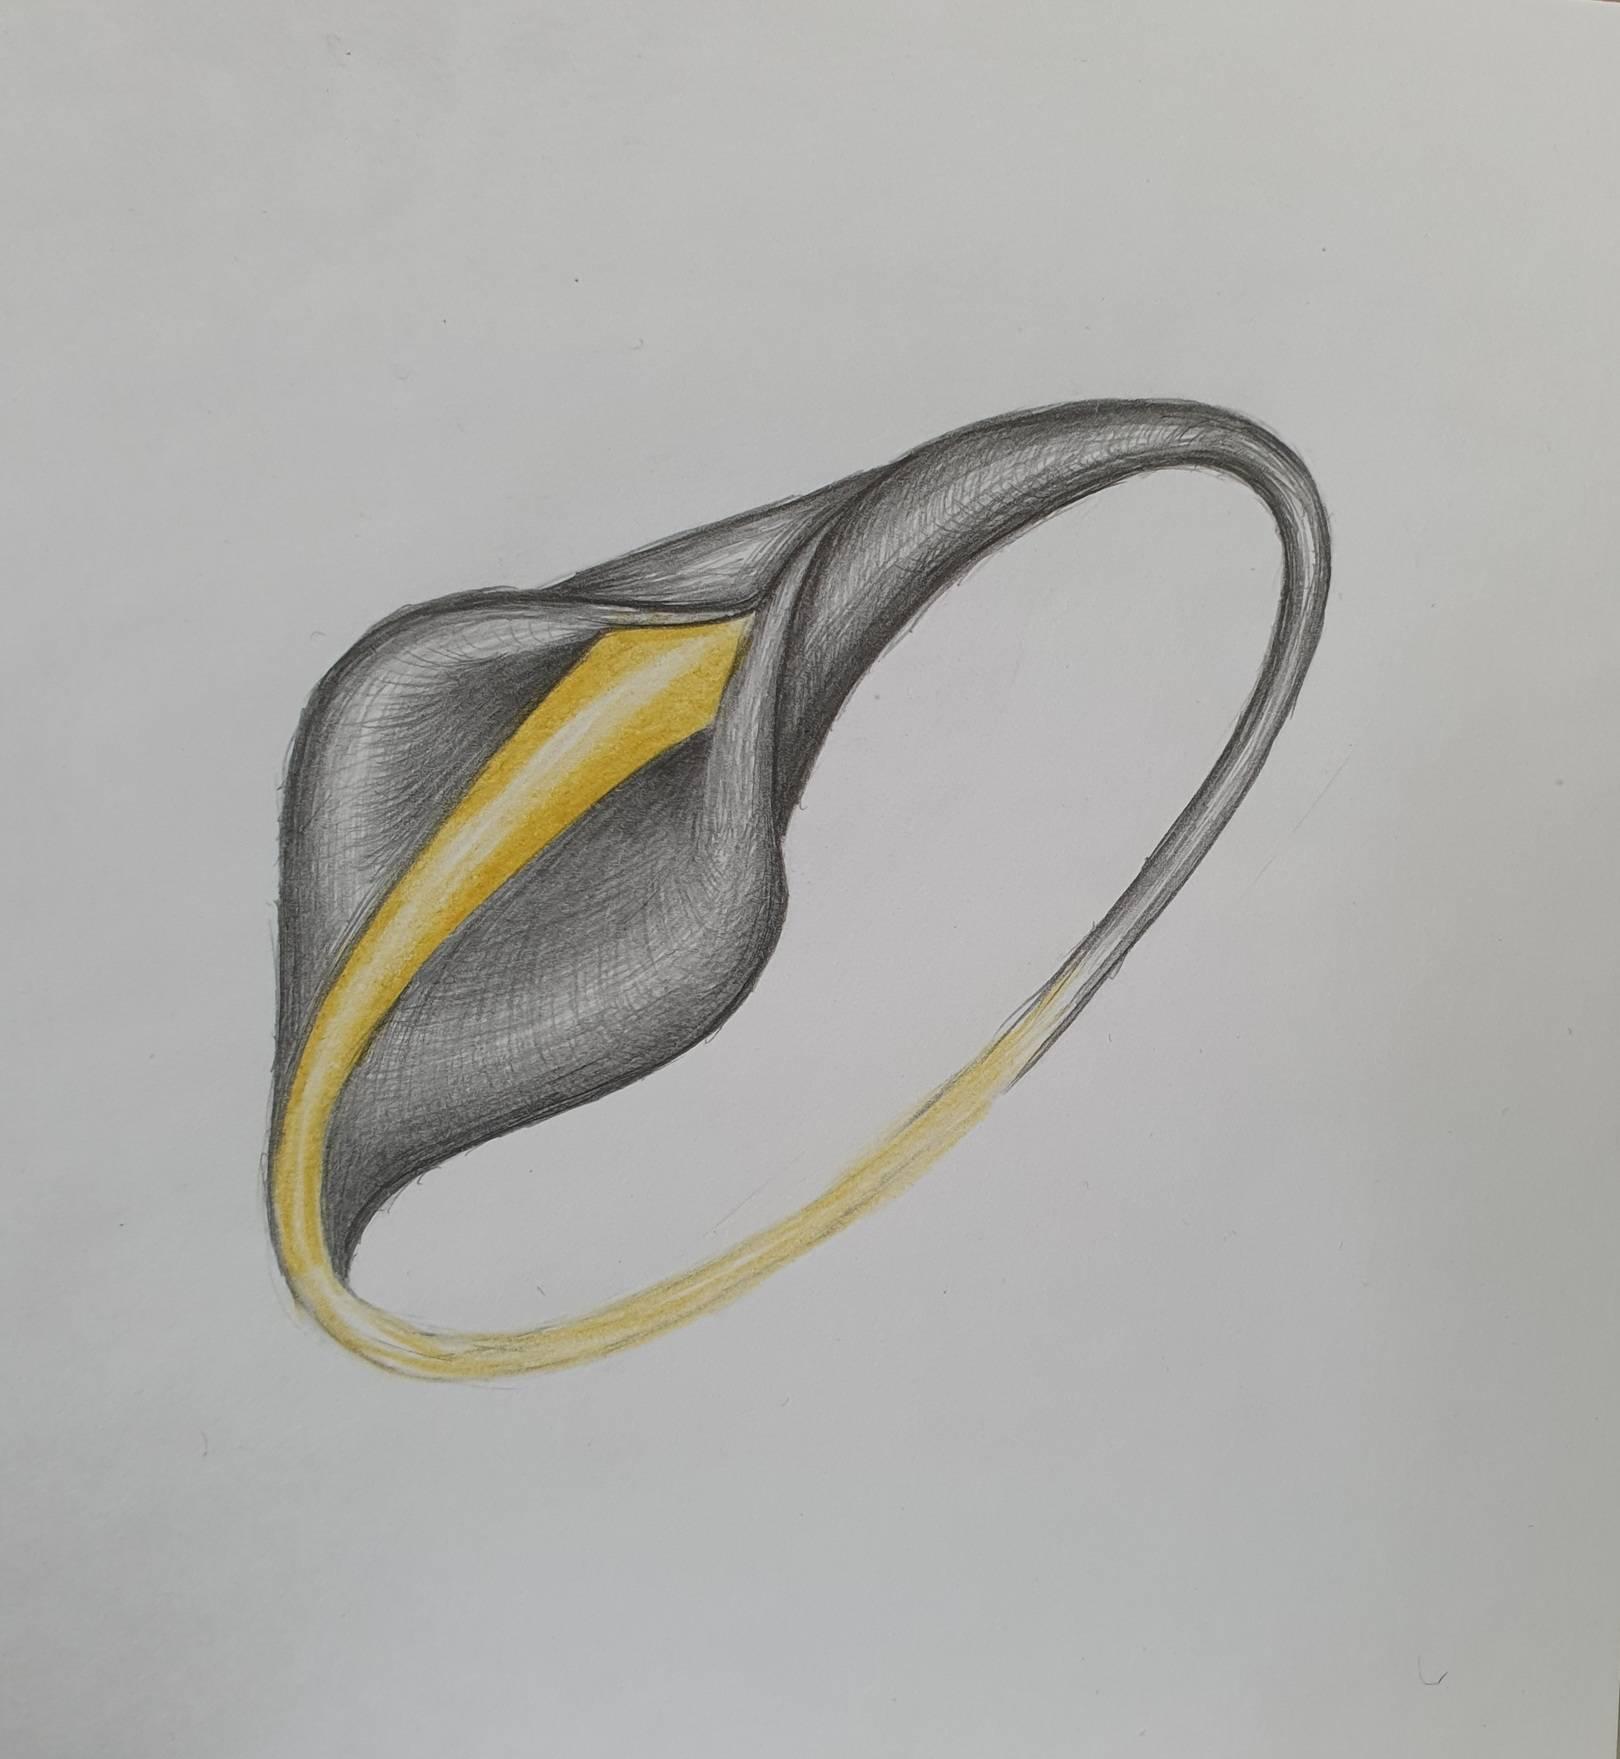 Дизайн ювелирных изделий